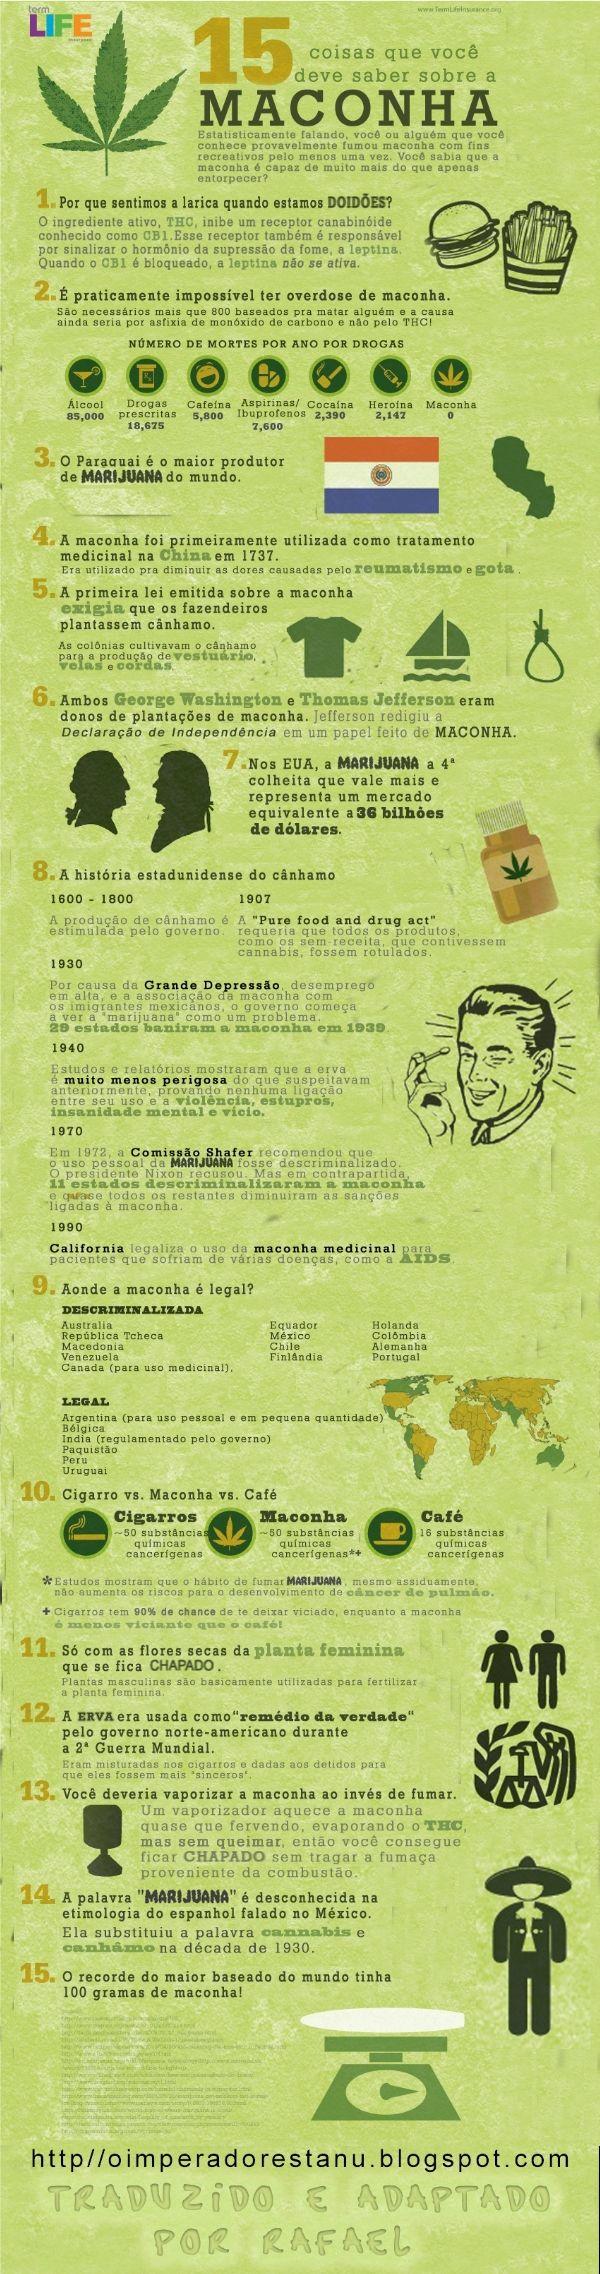 15 verdades sobre a maconha!